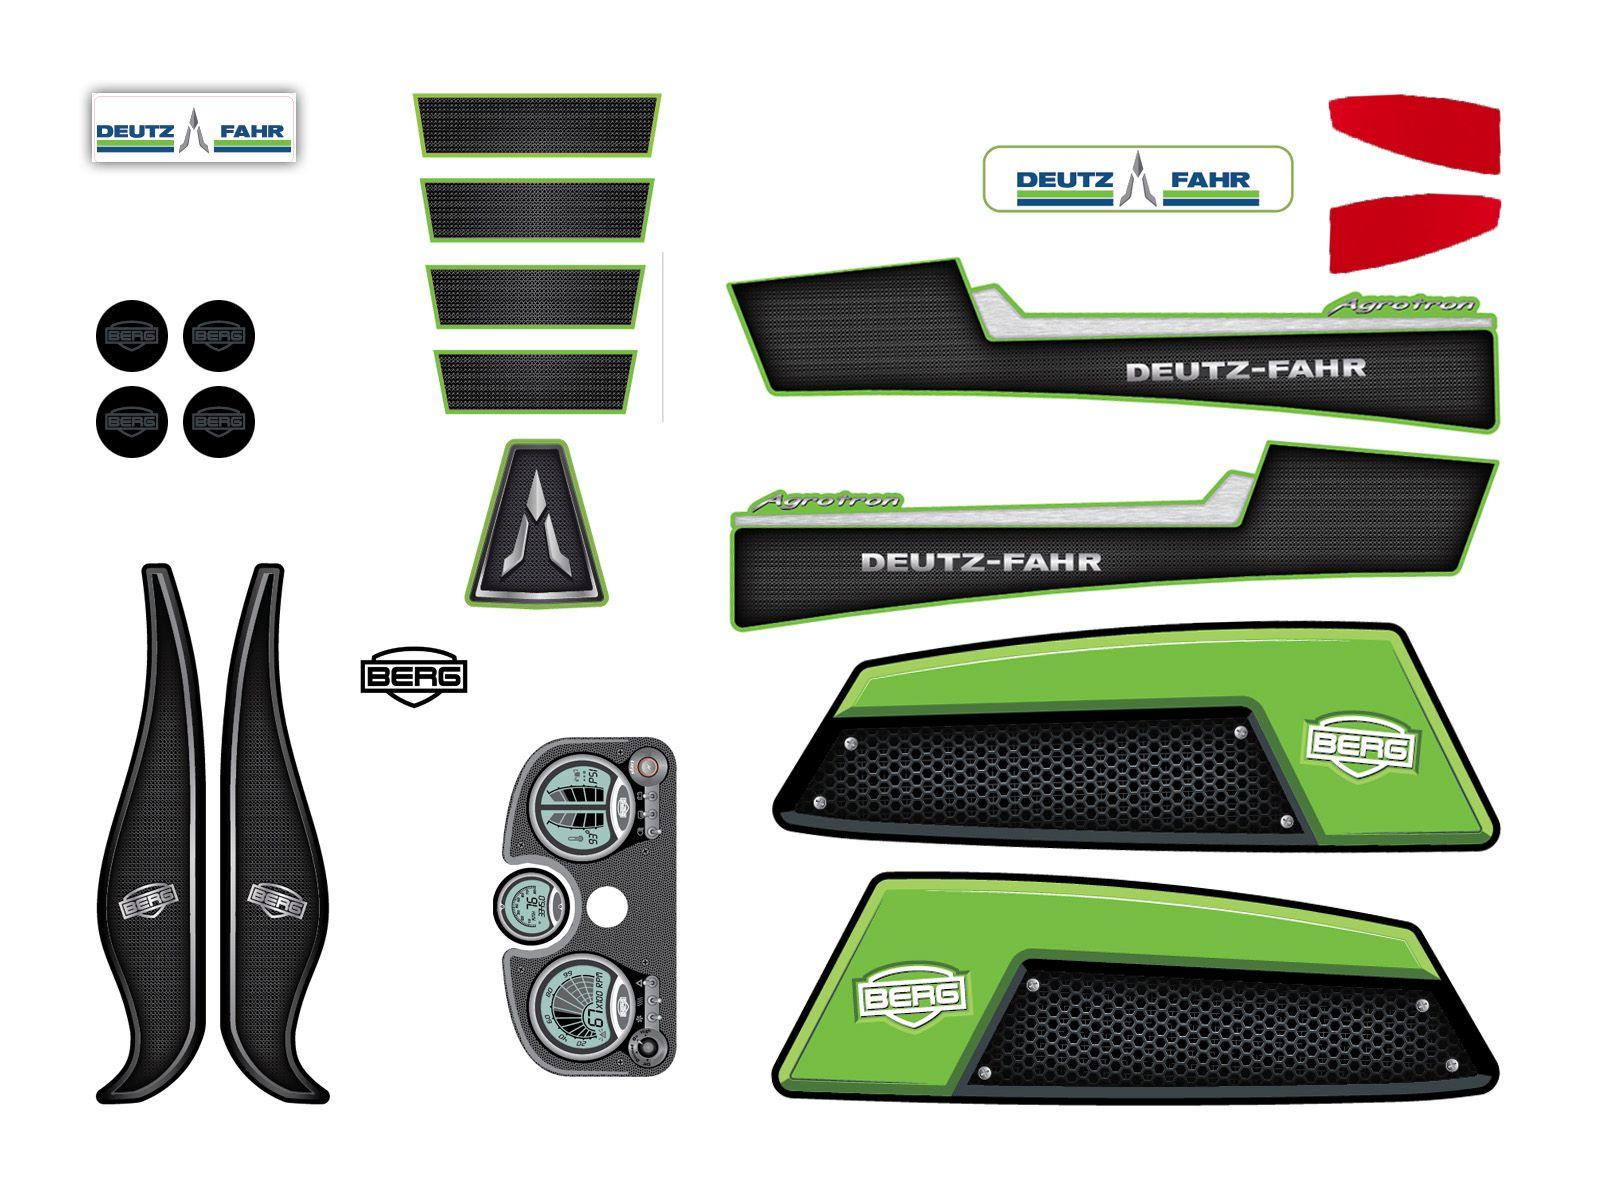 XL Frame - Sticker set DEUTZ-FAHR